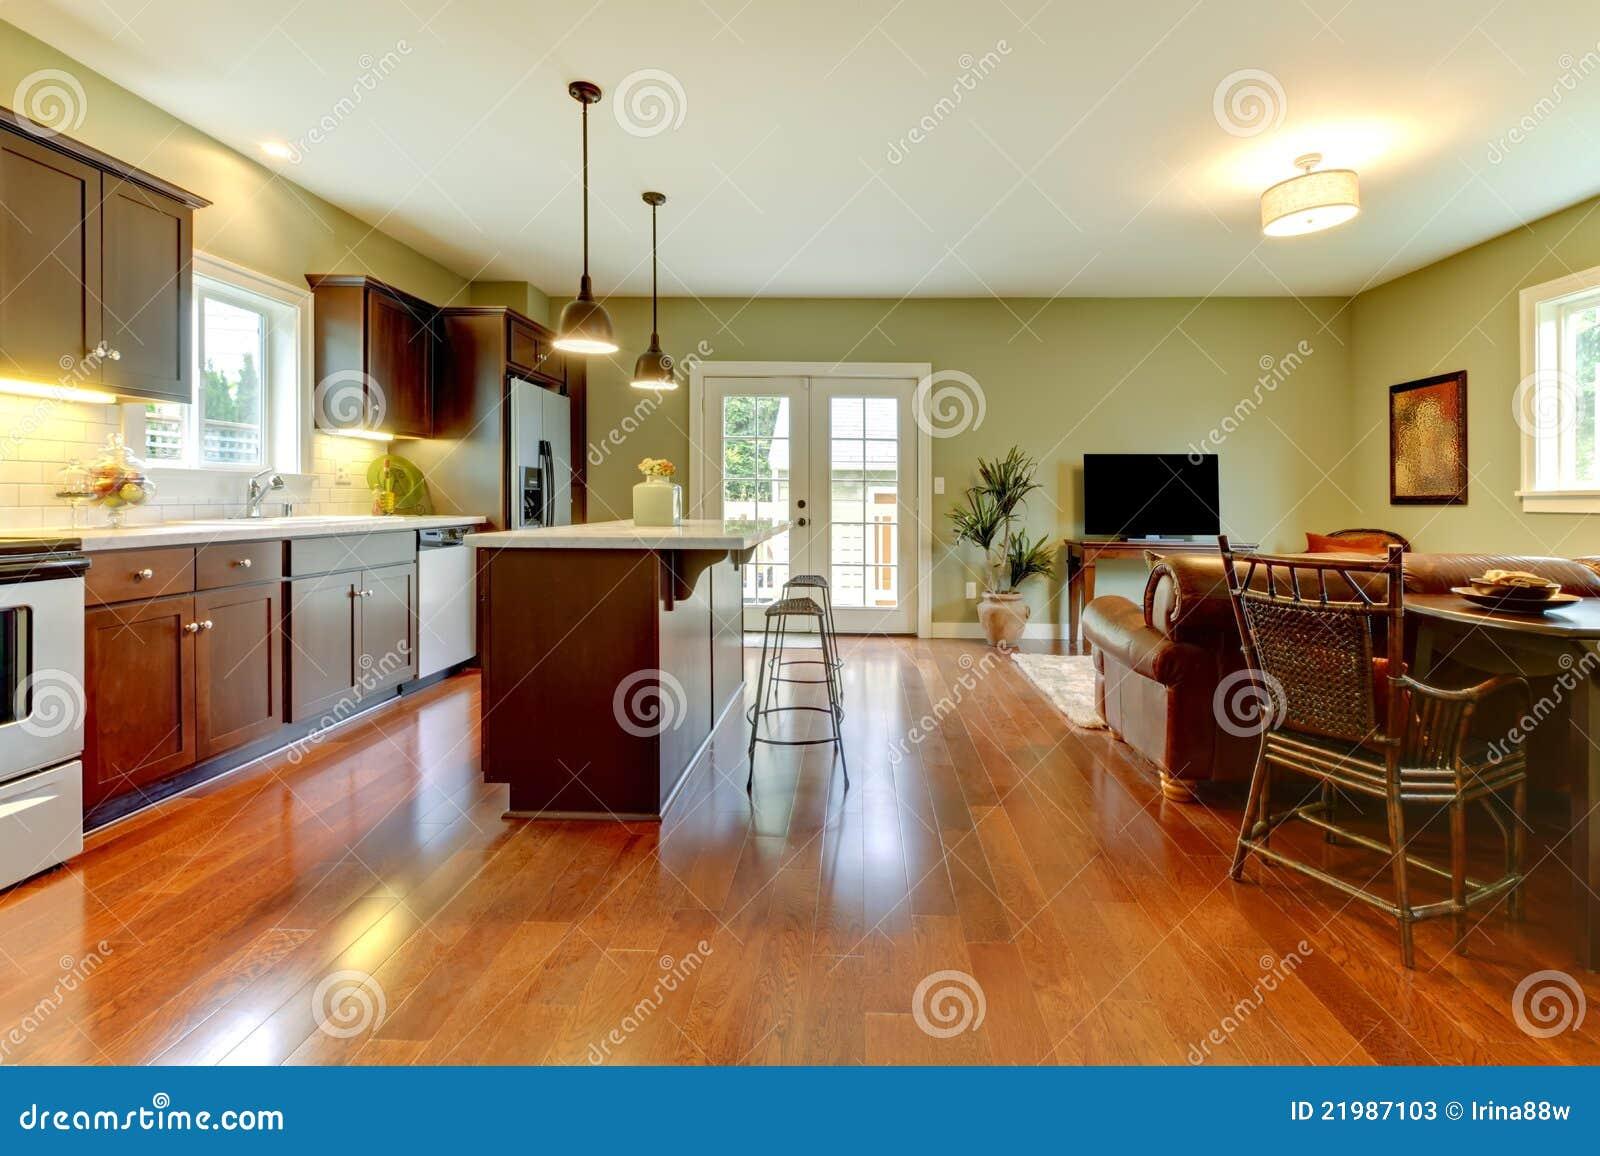 Sala De Estar Y Cocina ~ Fotos de archivo Cocina moderna con el suelo y la sala de estar de la